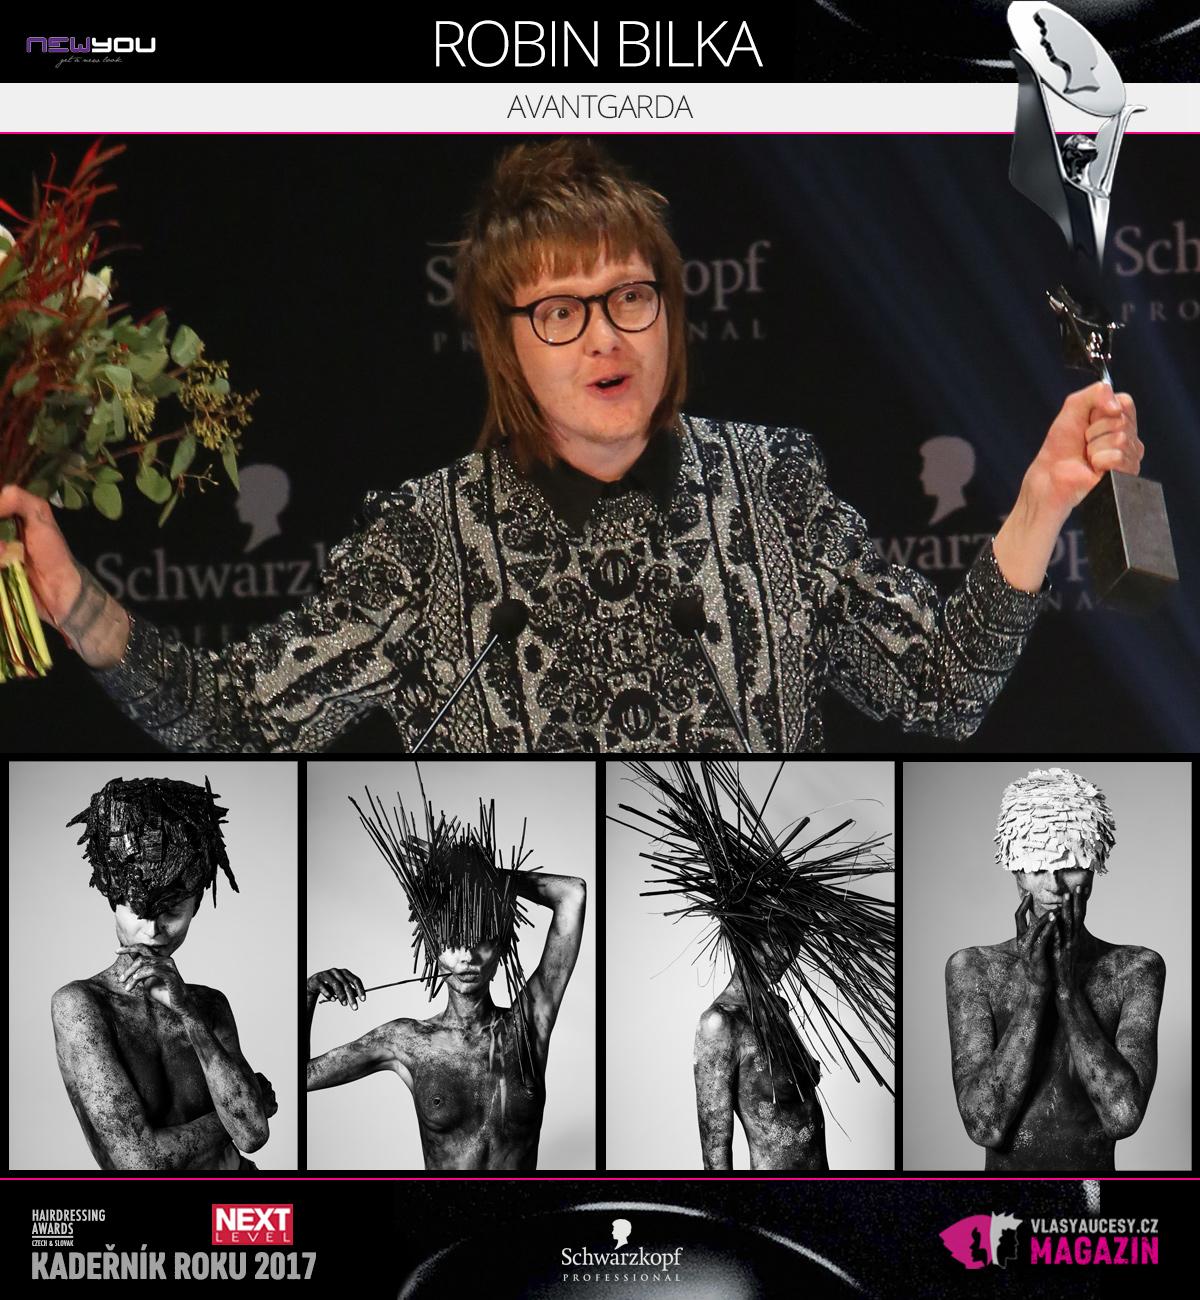 Robin Bilka (New You Praha) – Avangardní účes 2017 soutěže Czech&Slovak Hairdressing Awards 2017.